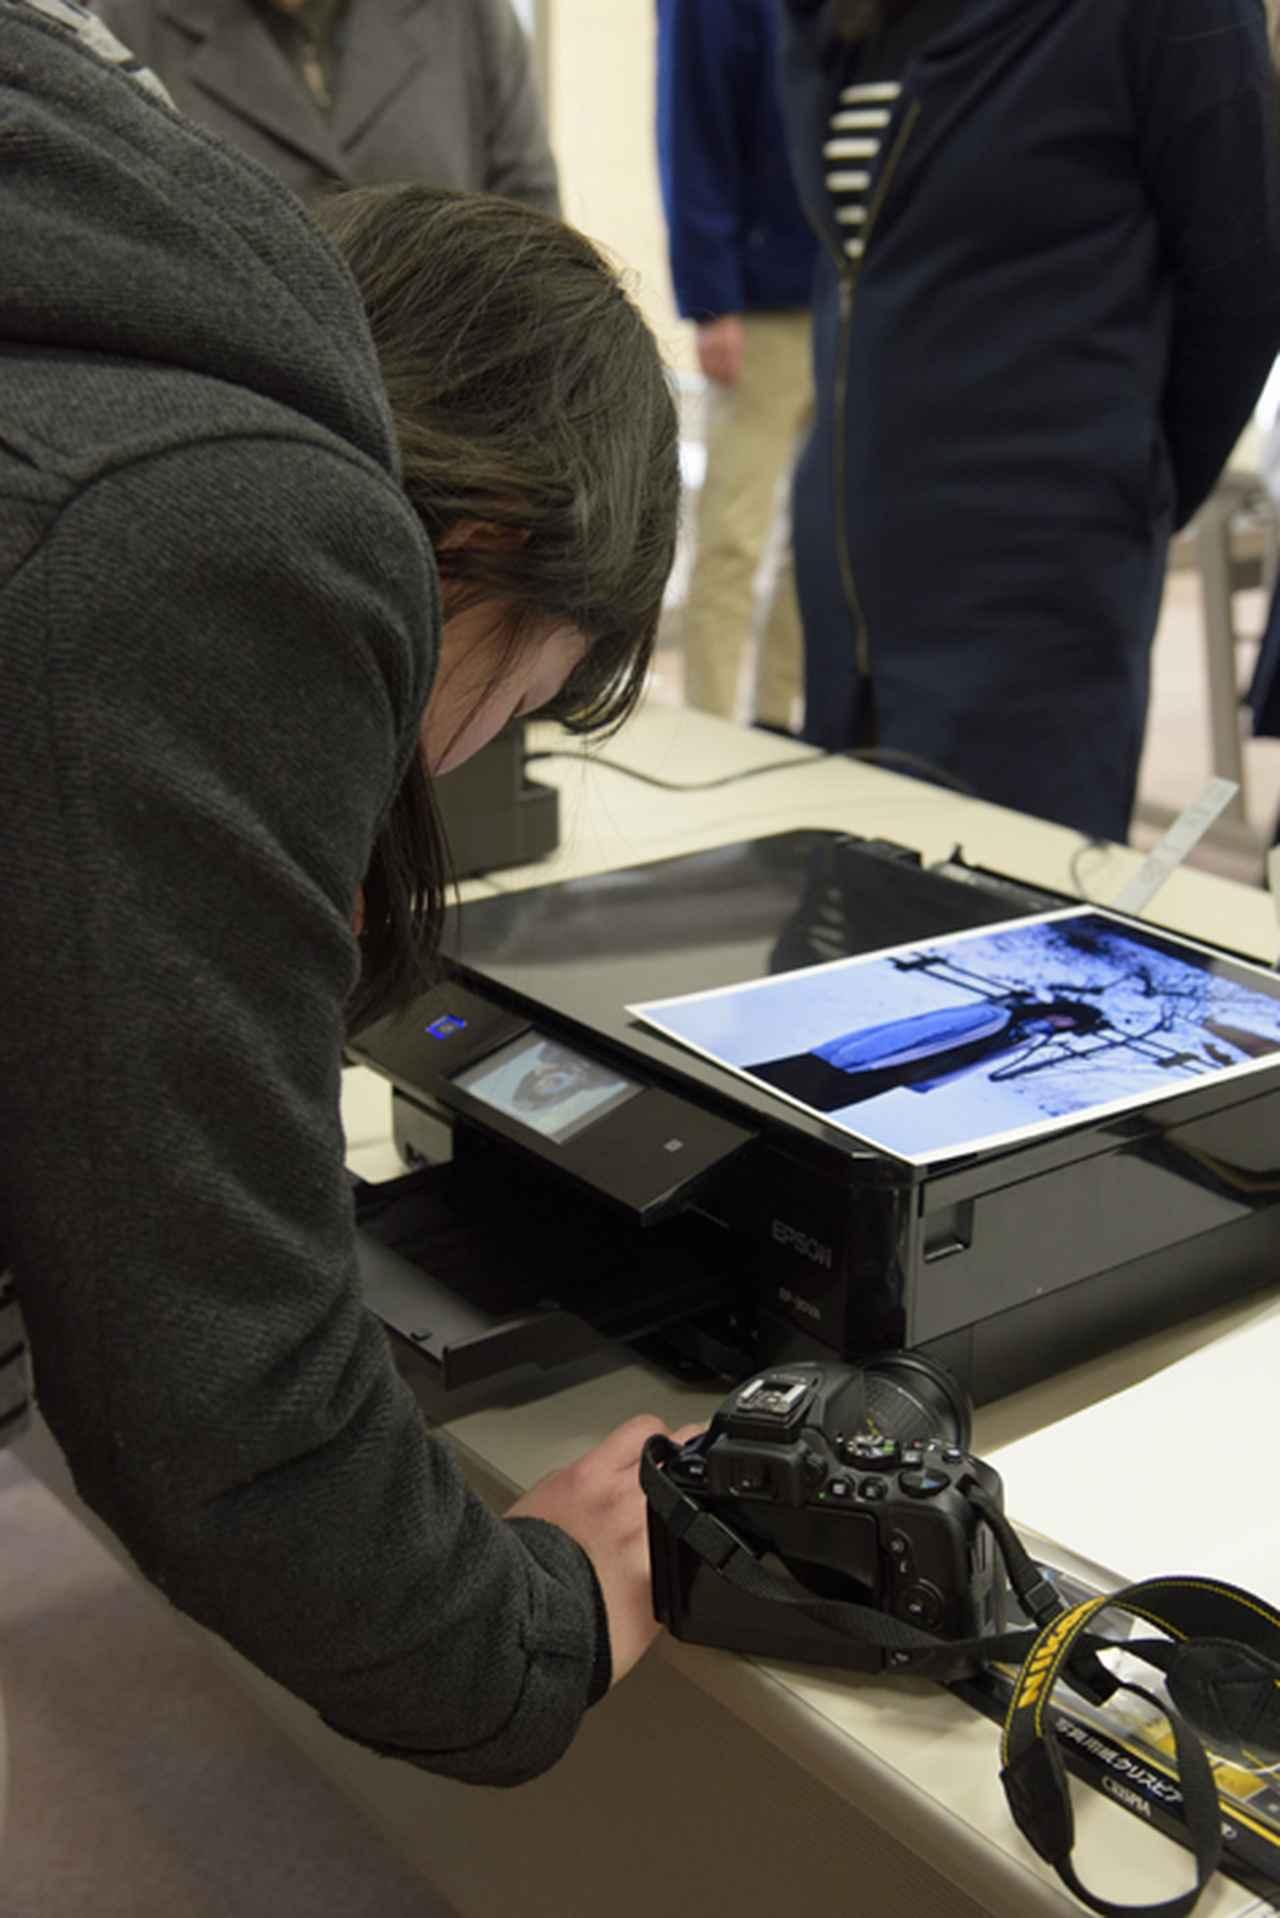 画像: エプソン Colorio EP-30VAは、月カメのイベント「ニコン高校生デジタル写真塾」でも大活躍!(画像は昨年の島根県・出雲市開催)